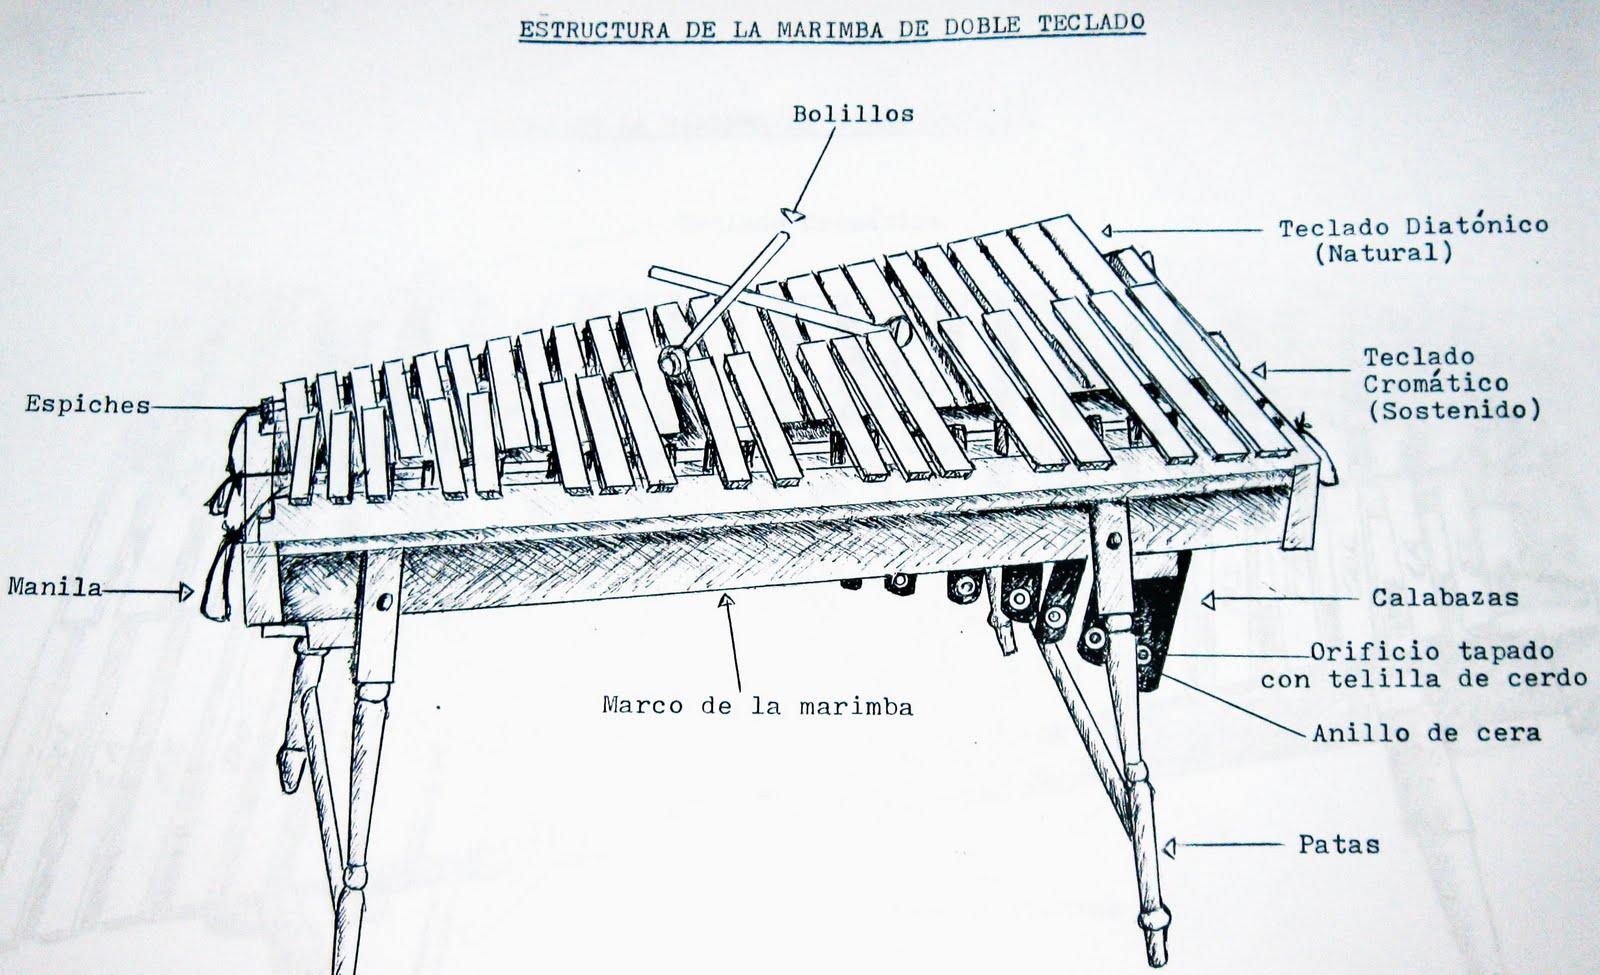 Marimba nicaragüense: Nuestro piano de madera: Cómo se hace una ...